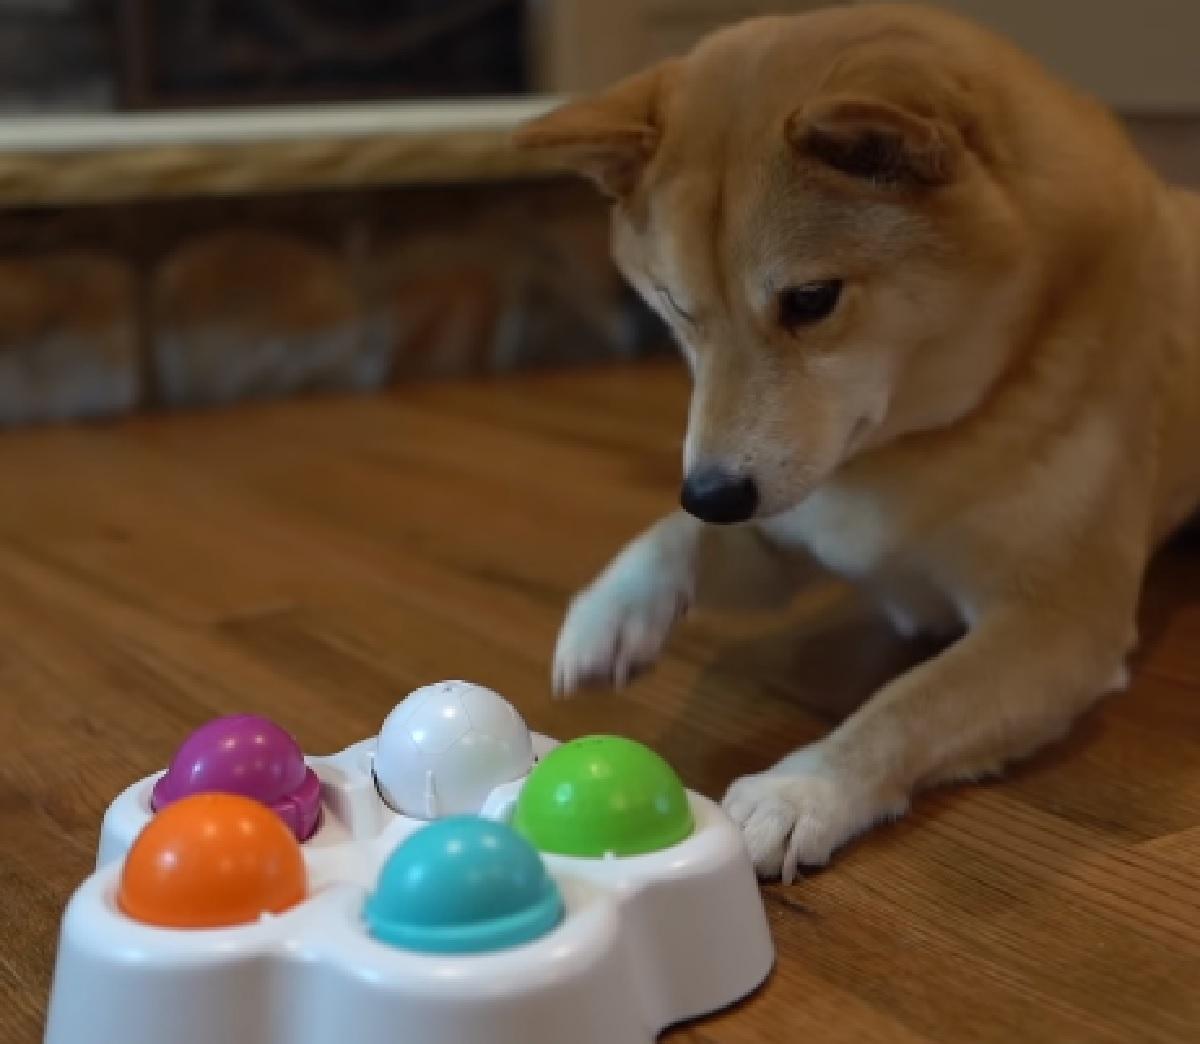 Il cucciolo di Shiba Inu deve risolvere un complicato puzzle, il video ci mostra il suo sorprendente talento